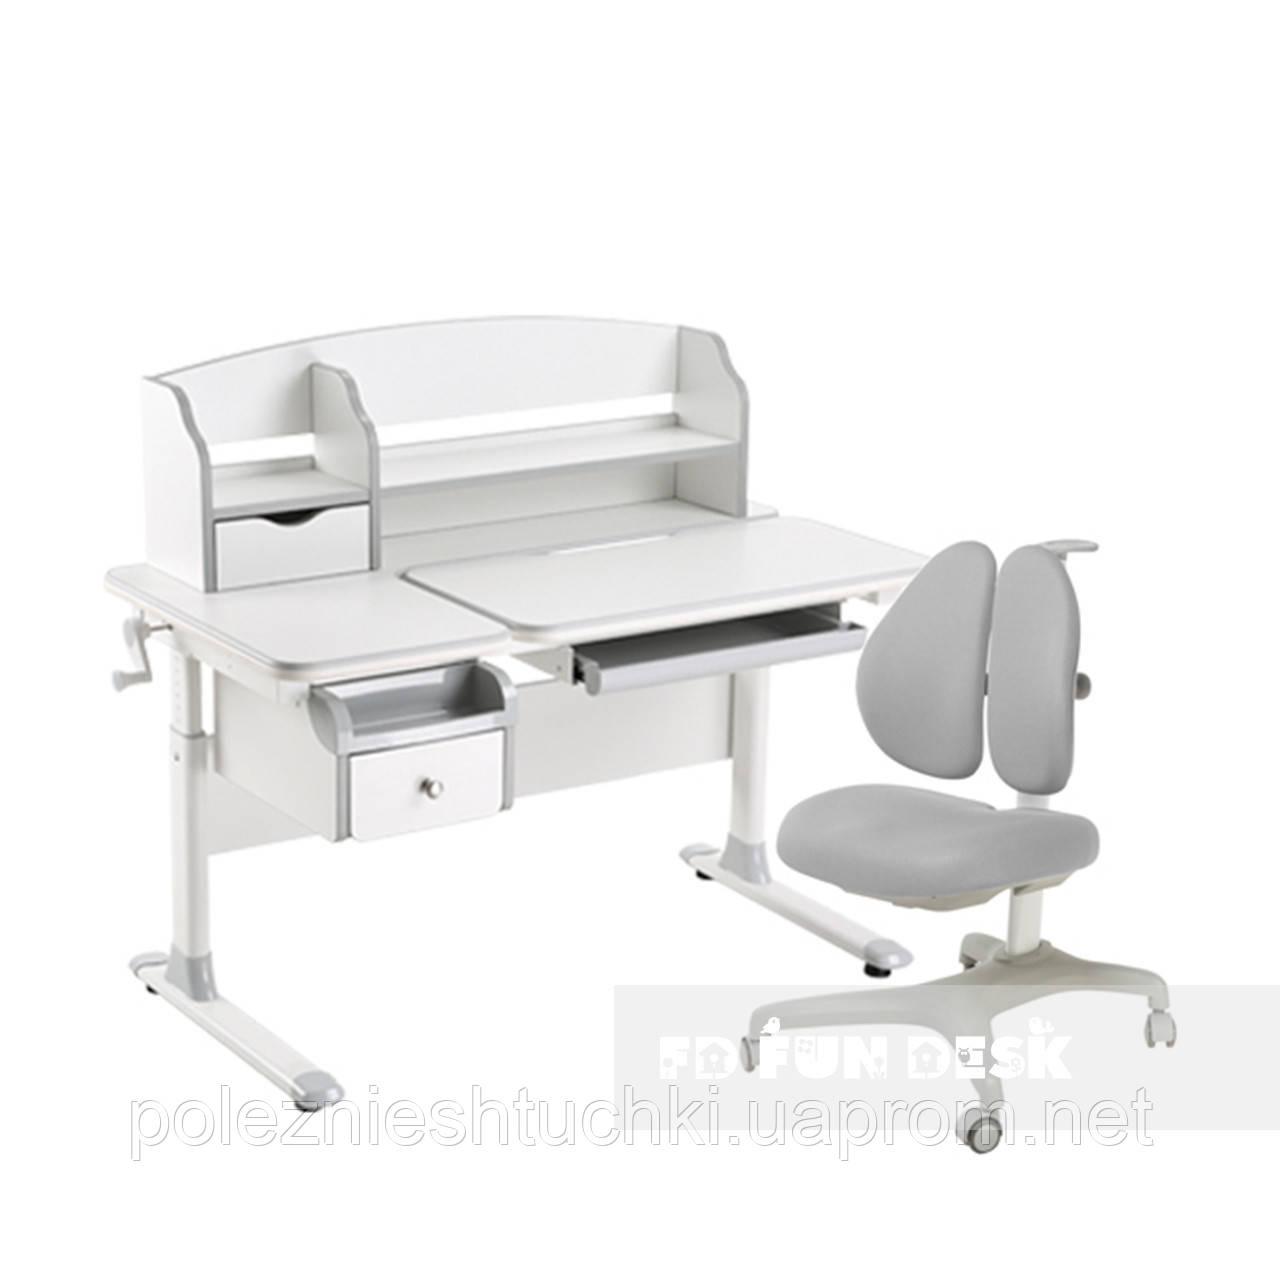 Комплект стол-трансформер  Sognare Grey + подростковое кресло Bello II Grey FunDesk